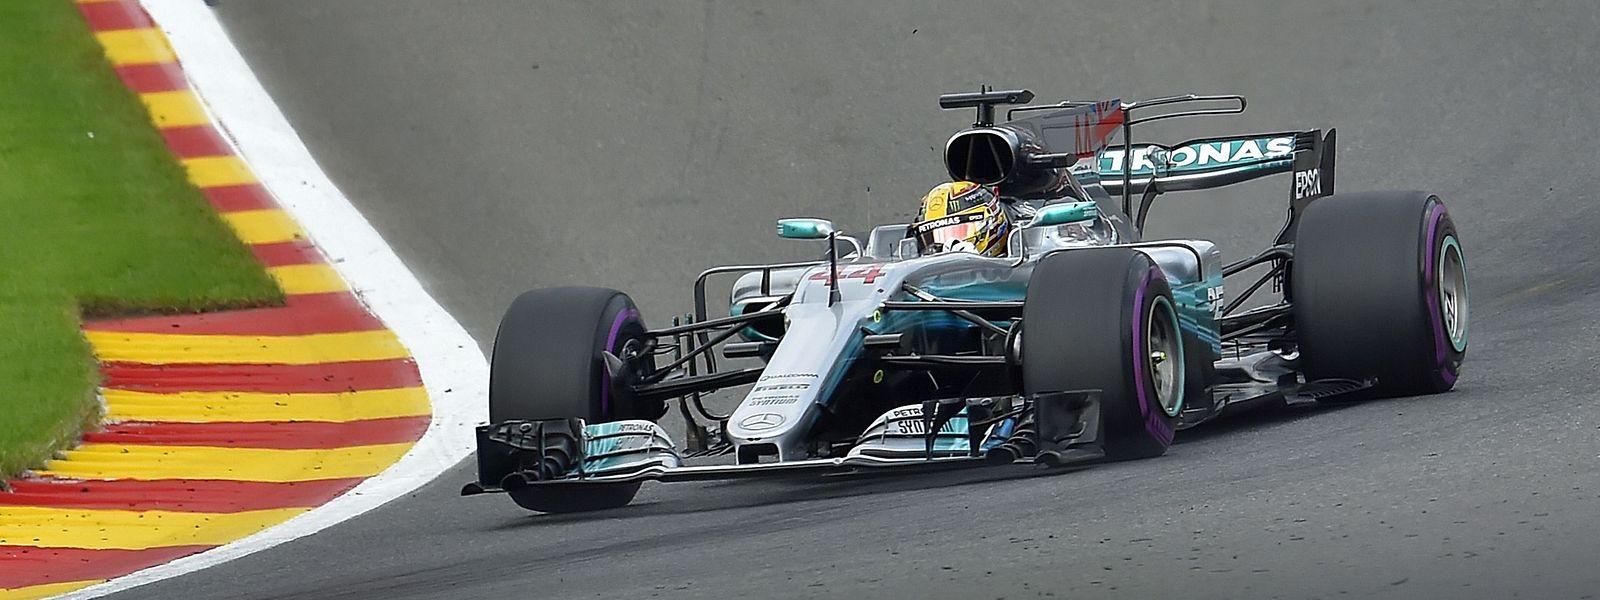 Der Triumph in Belgien war für Lewis Hamilton im Hinblick auf die Fahrerwertung von enormer Bedeutung.